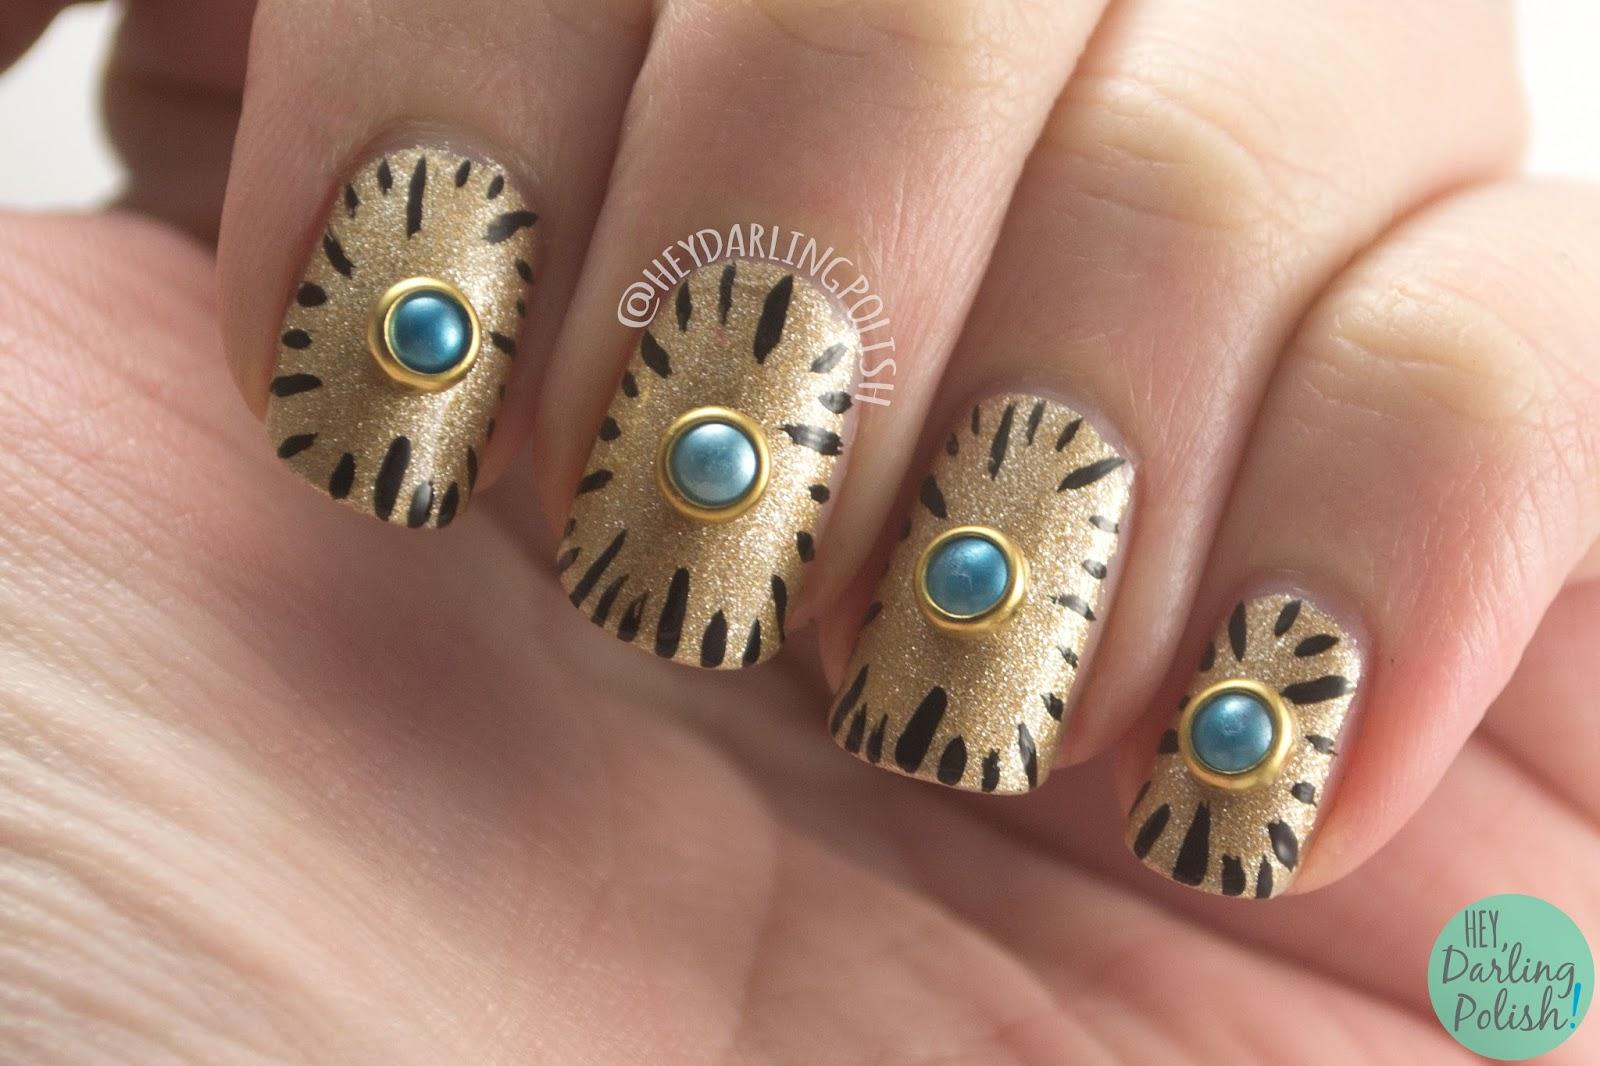 nails, nail art, nail polish, gold, clock, pearl, hey darling polish, nail linkup,